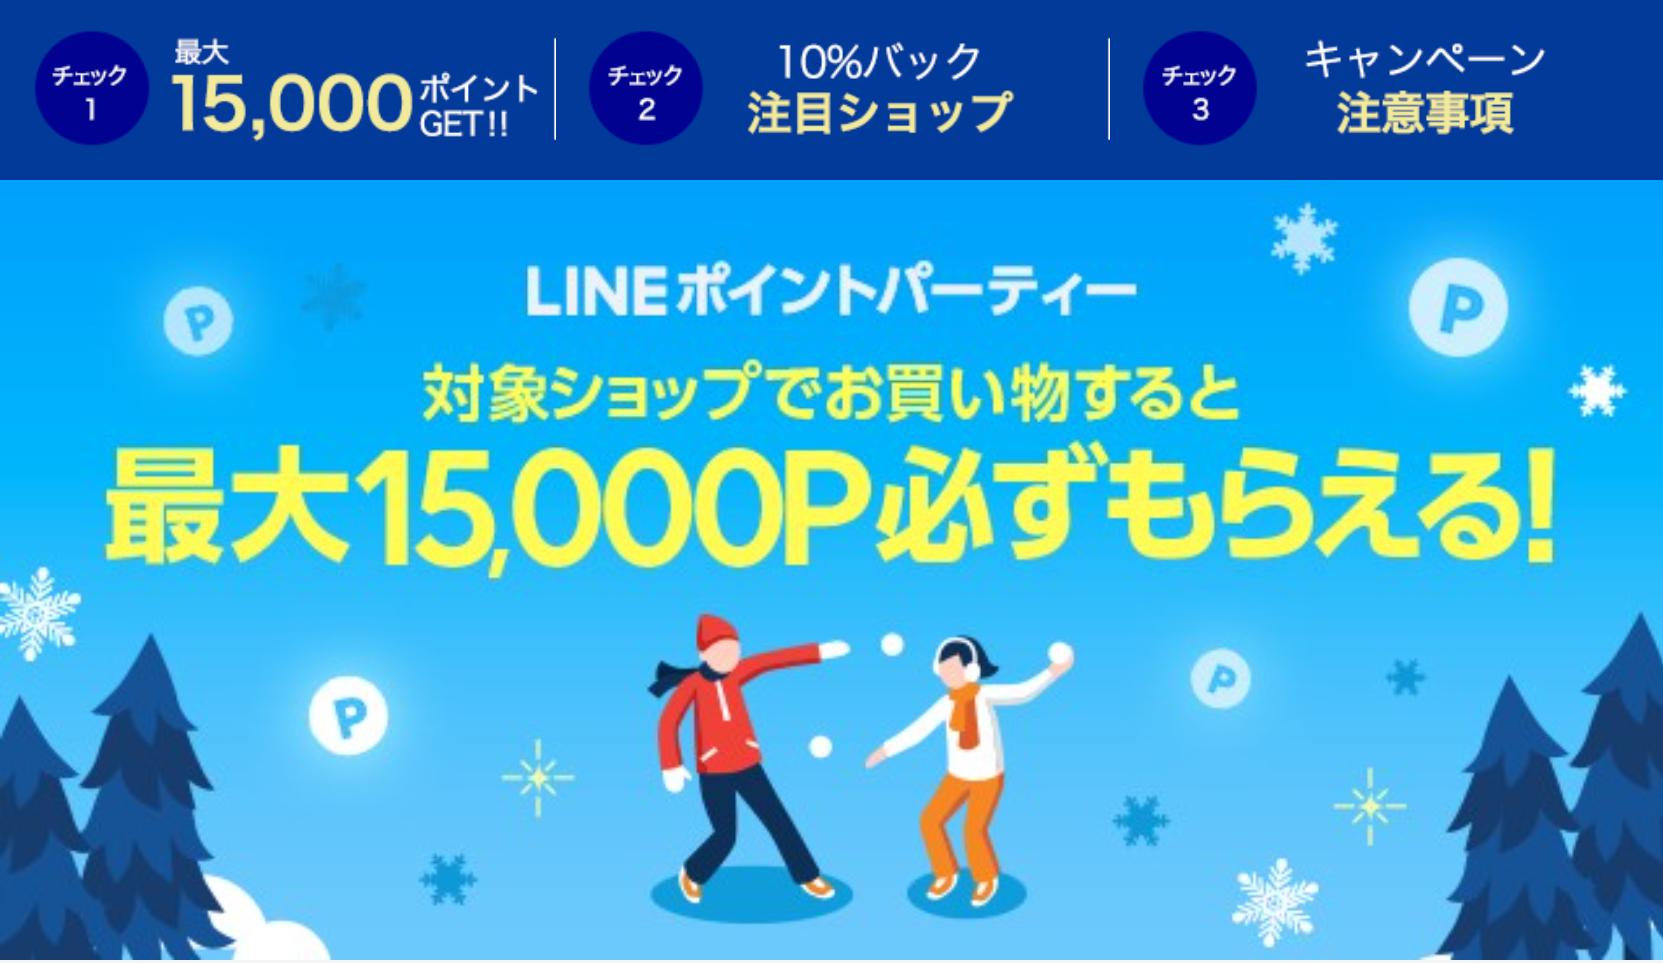 LINEショッピング LINEポイントパーティー とは せどり 仕入れ